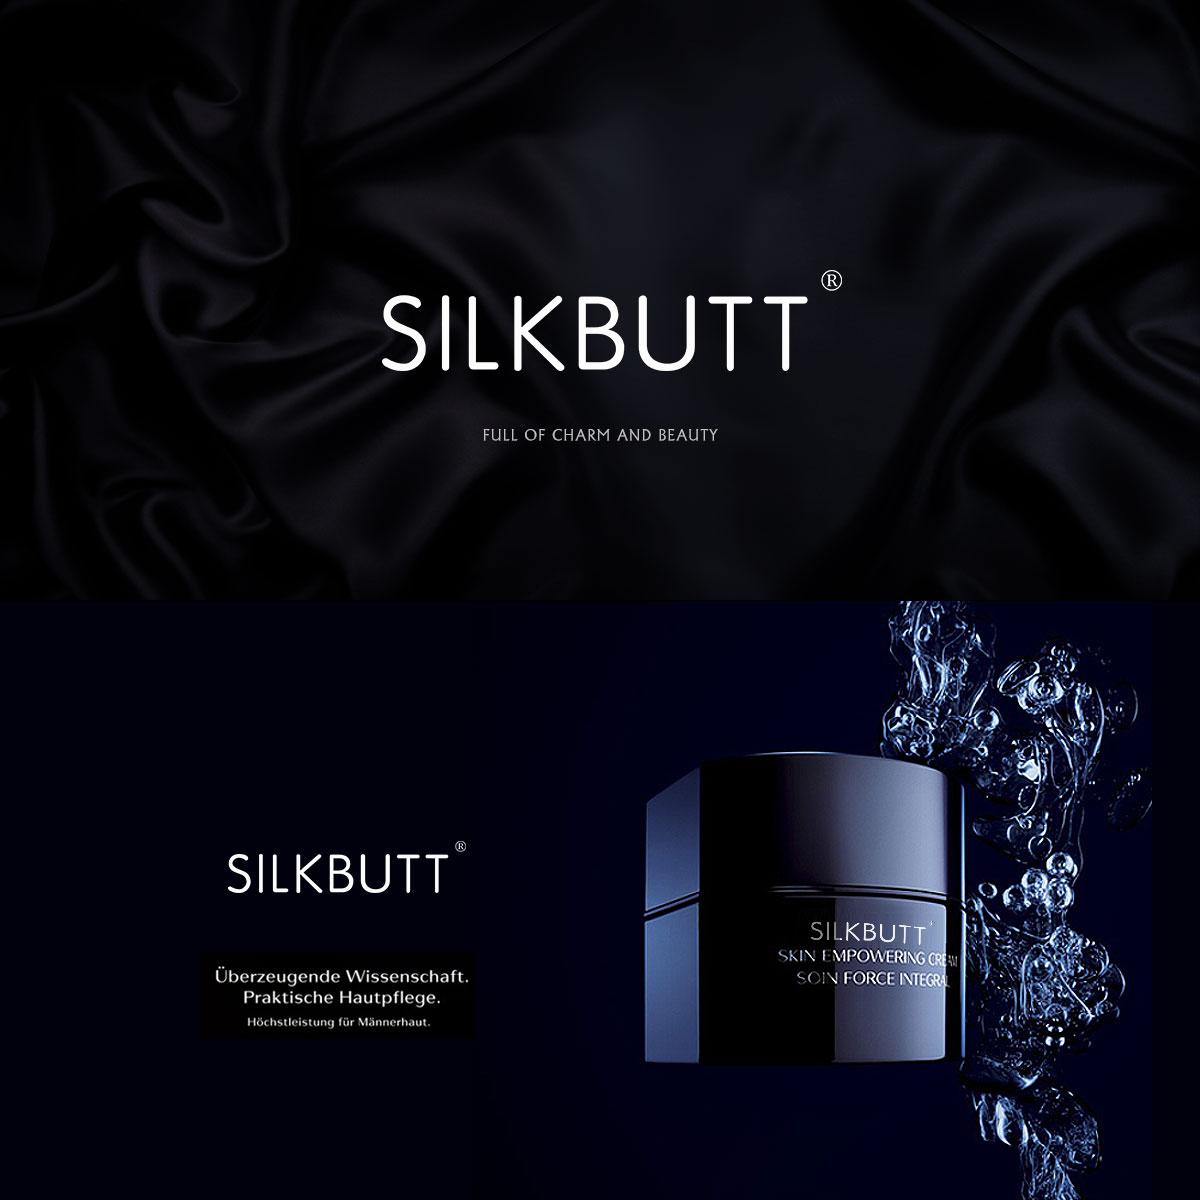 SILKBUTT